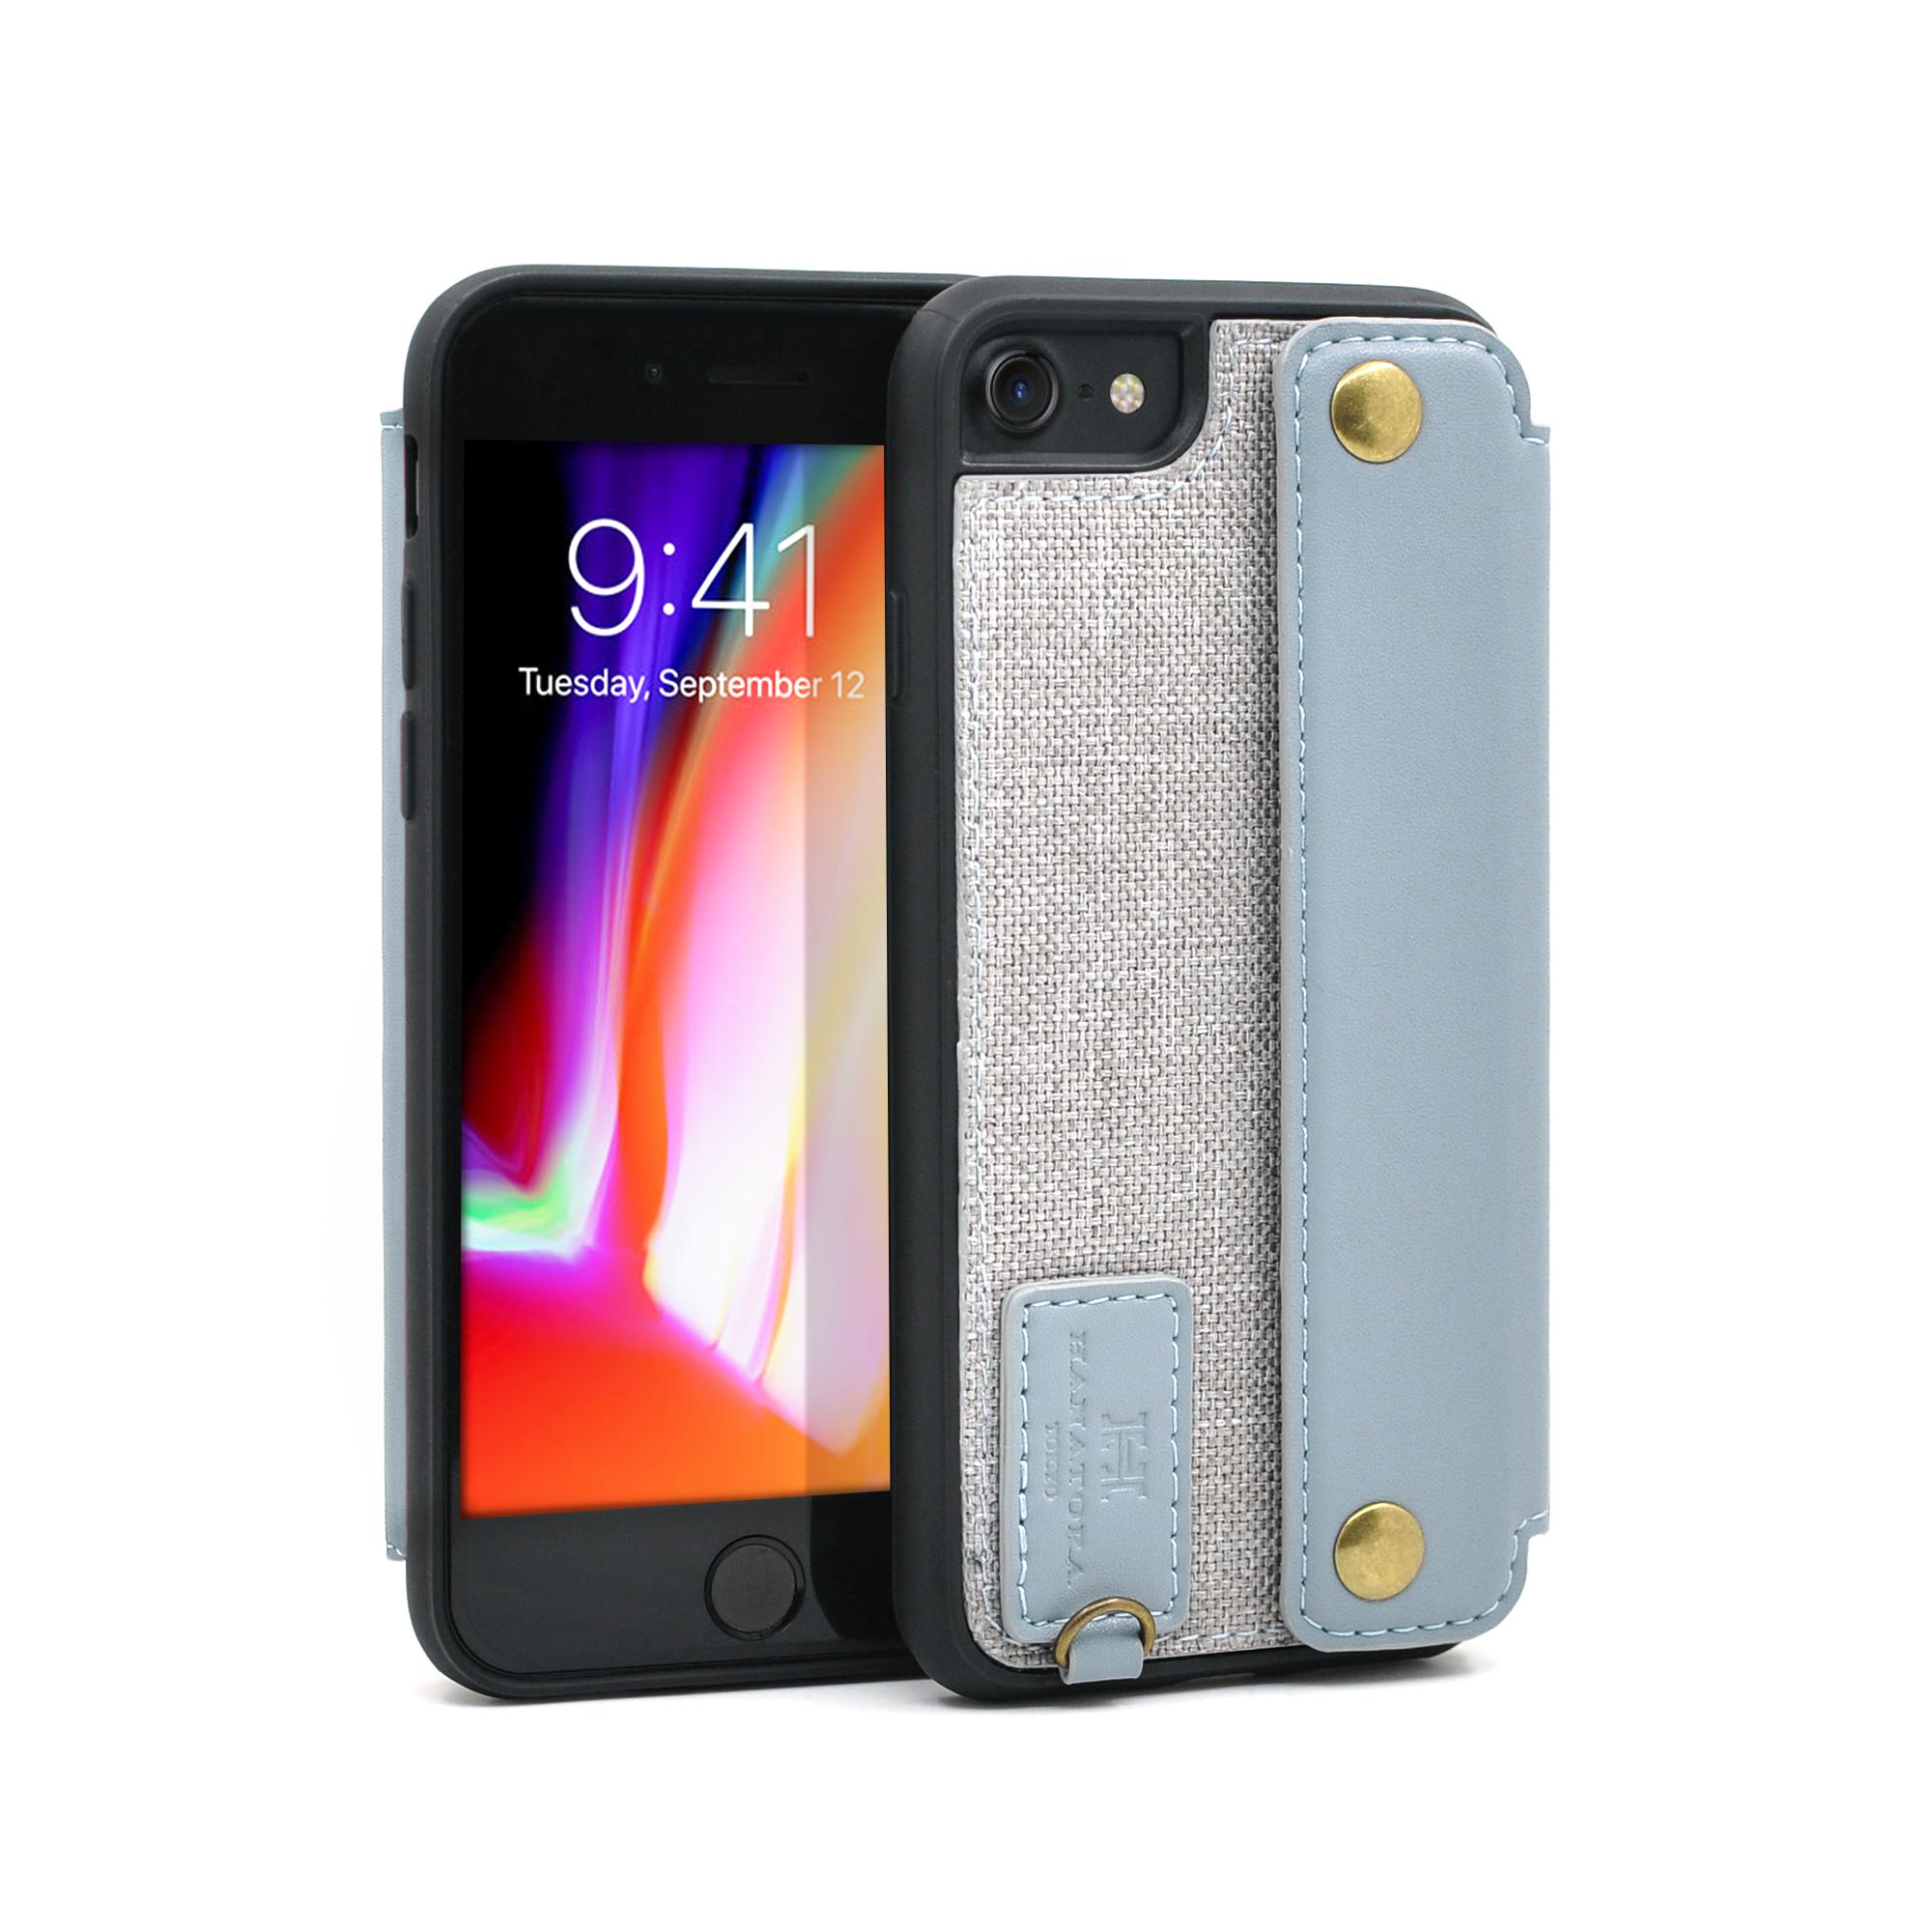 日本花虎iPhone7手机壳个性创意苹果8plus新款插卡皮套潮牌男女款